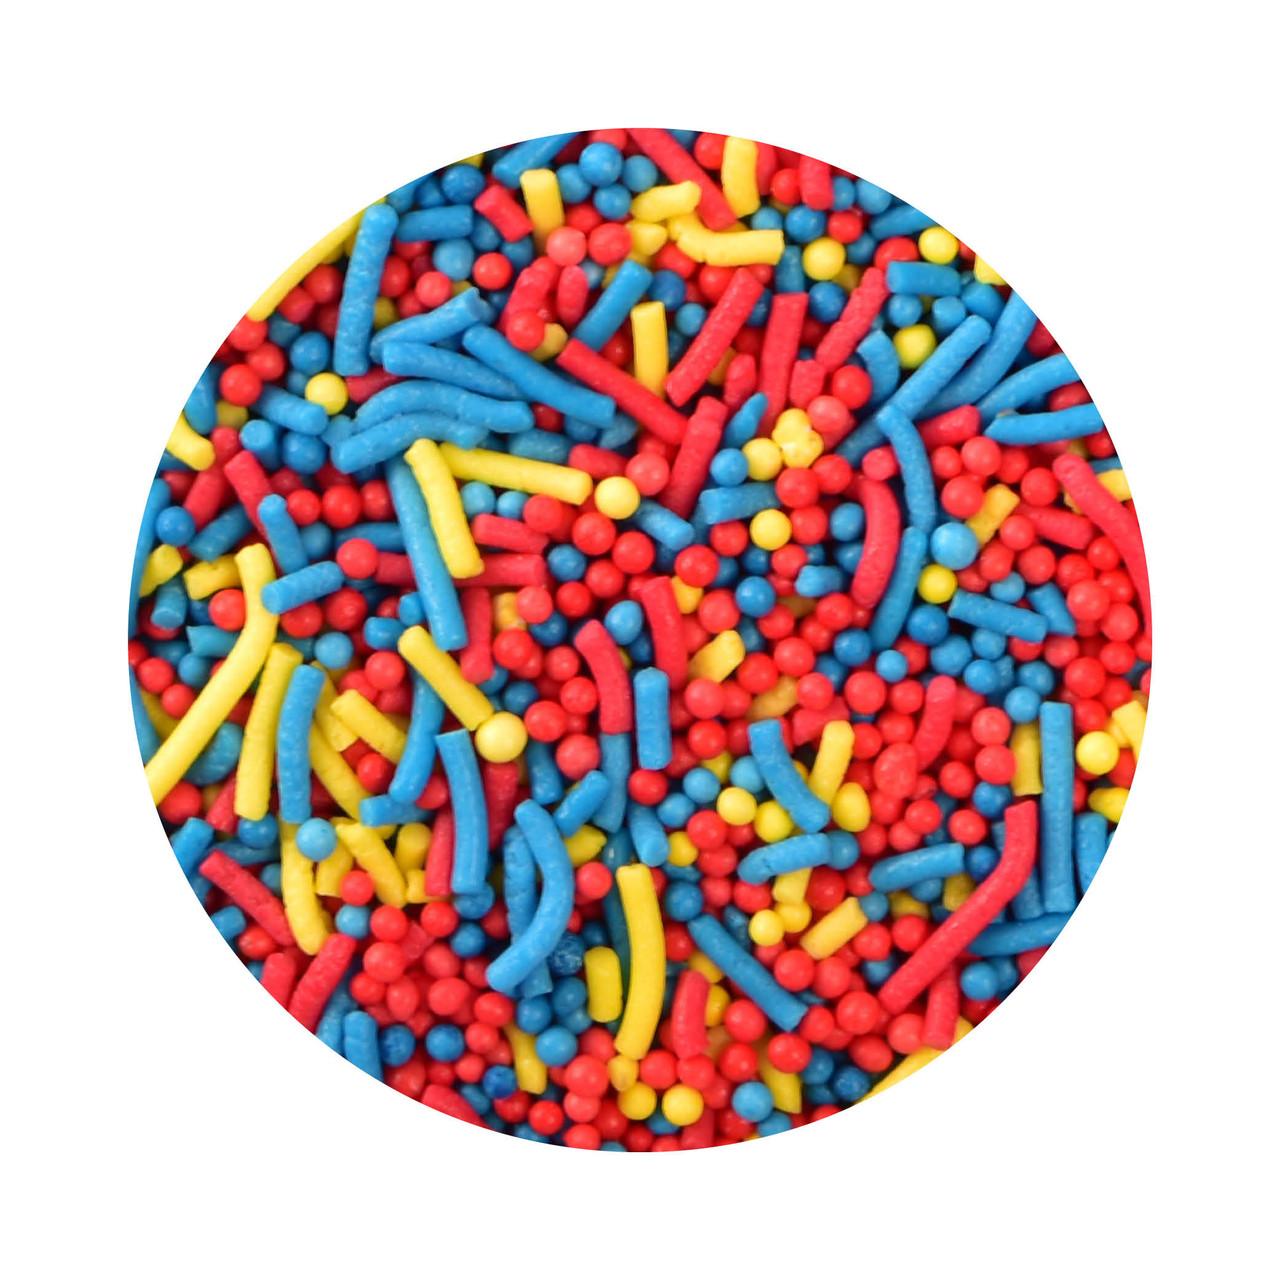 Bulk Superhero Inspired Sprinkle Mix 1kg